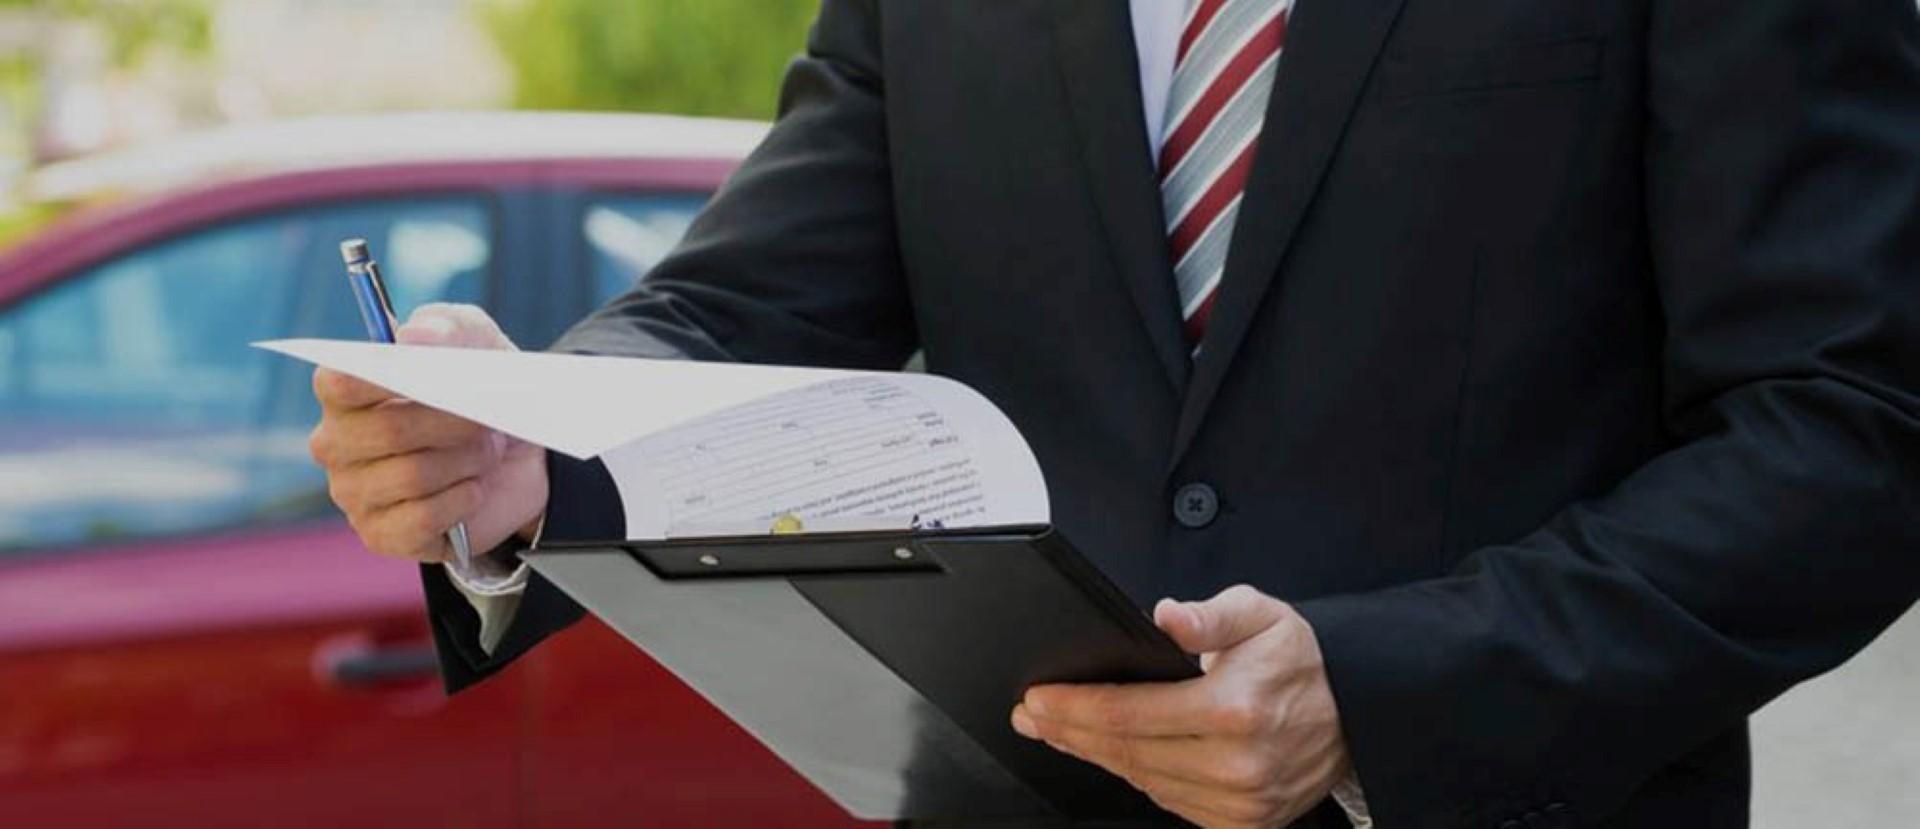 Как вернуть автомобиль ненадлежащего качества в автосалон Основания сроки и порядок действий